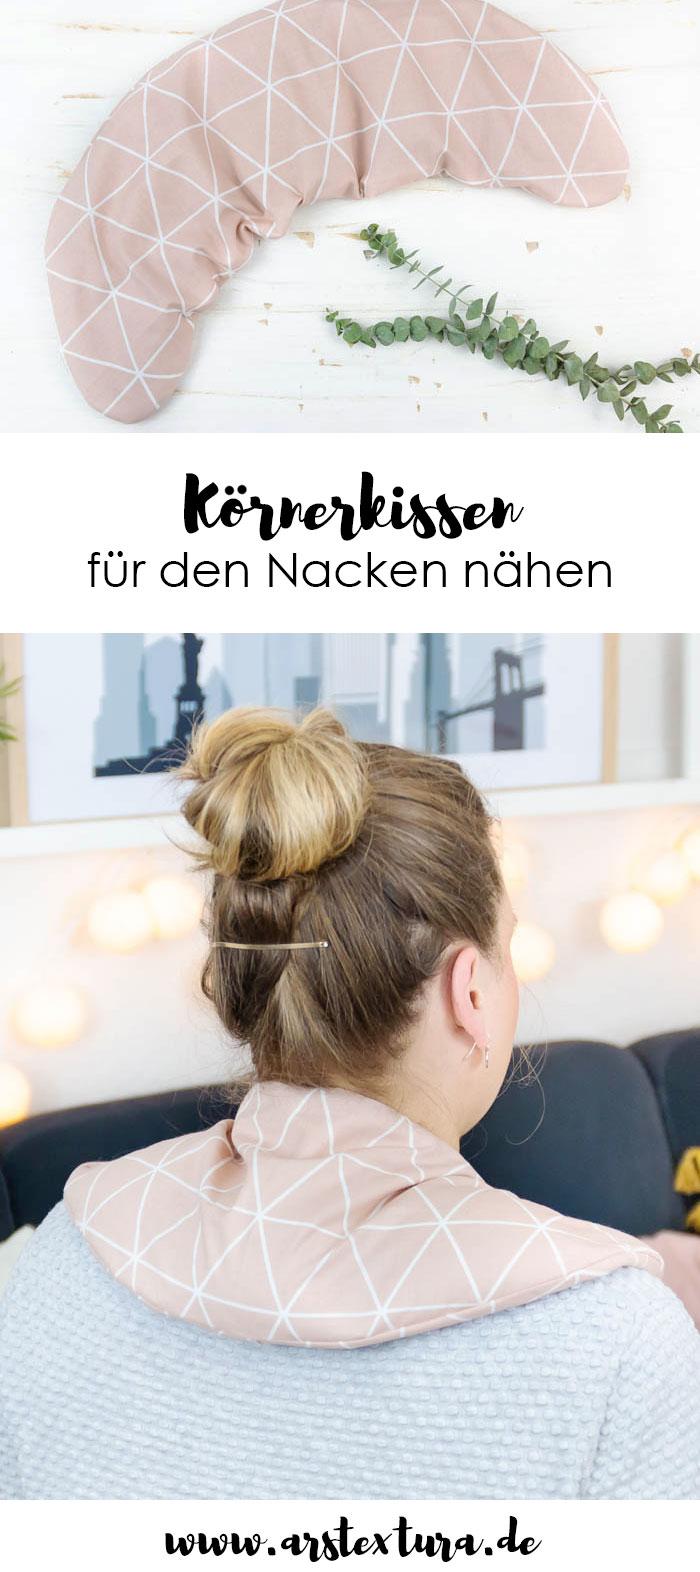 Anleitung Körnerkissen für den Nacken nähen